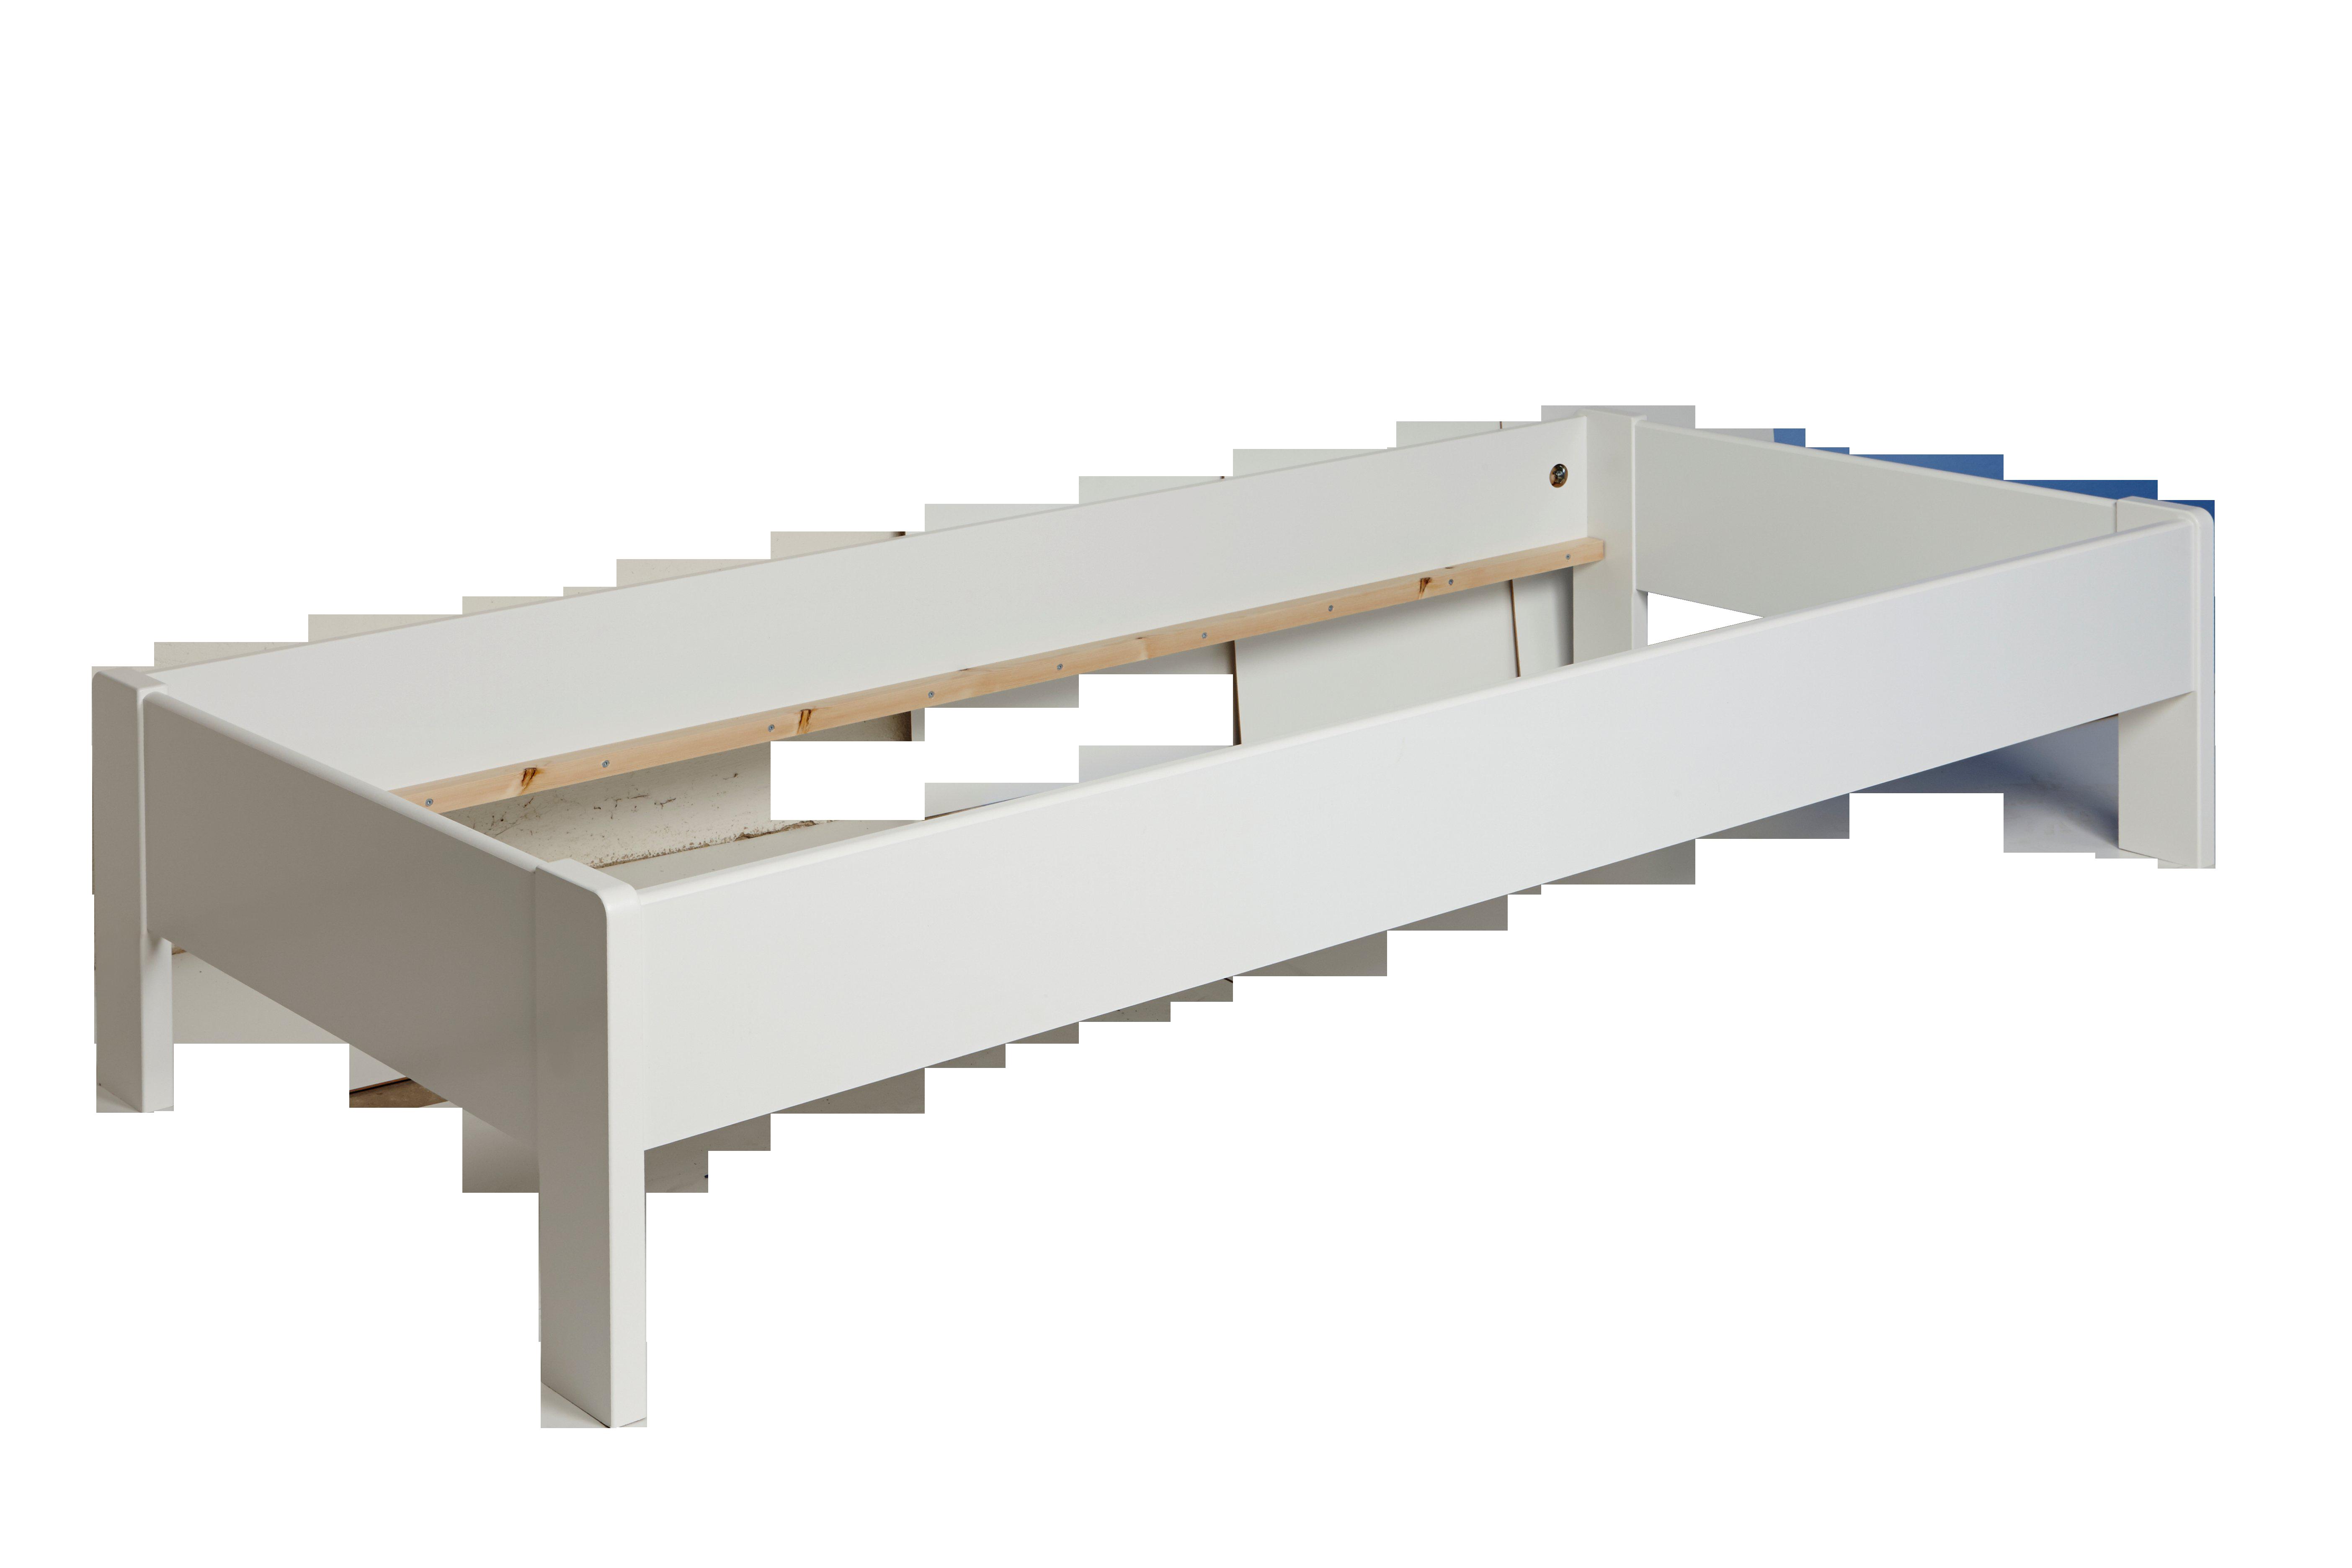 sengeramme 90x200 Bed Frame 420   Kaagaards Møbelfabrik A/S sengeramme 90x200